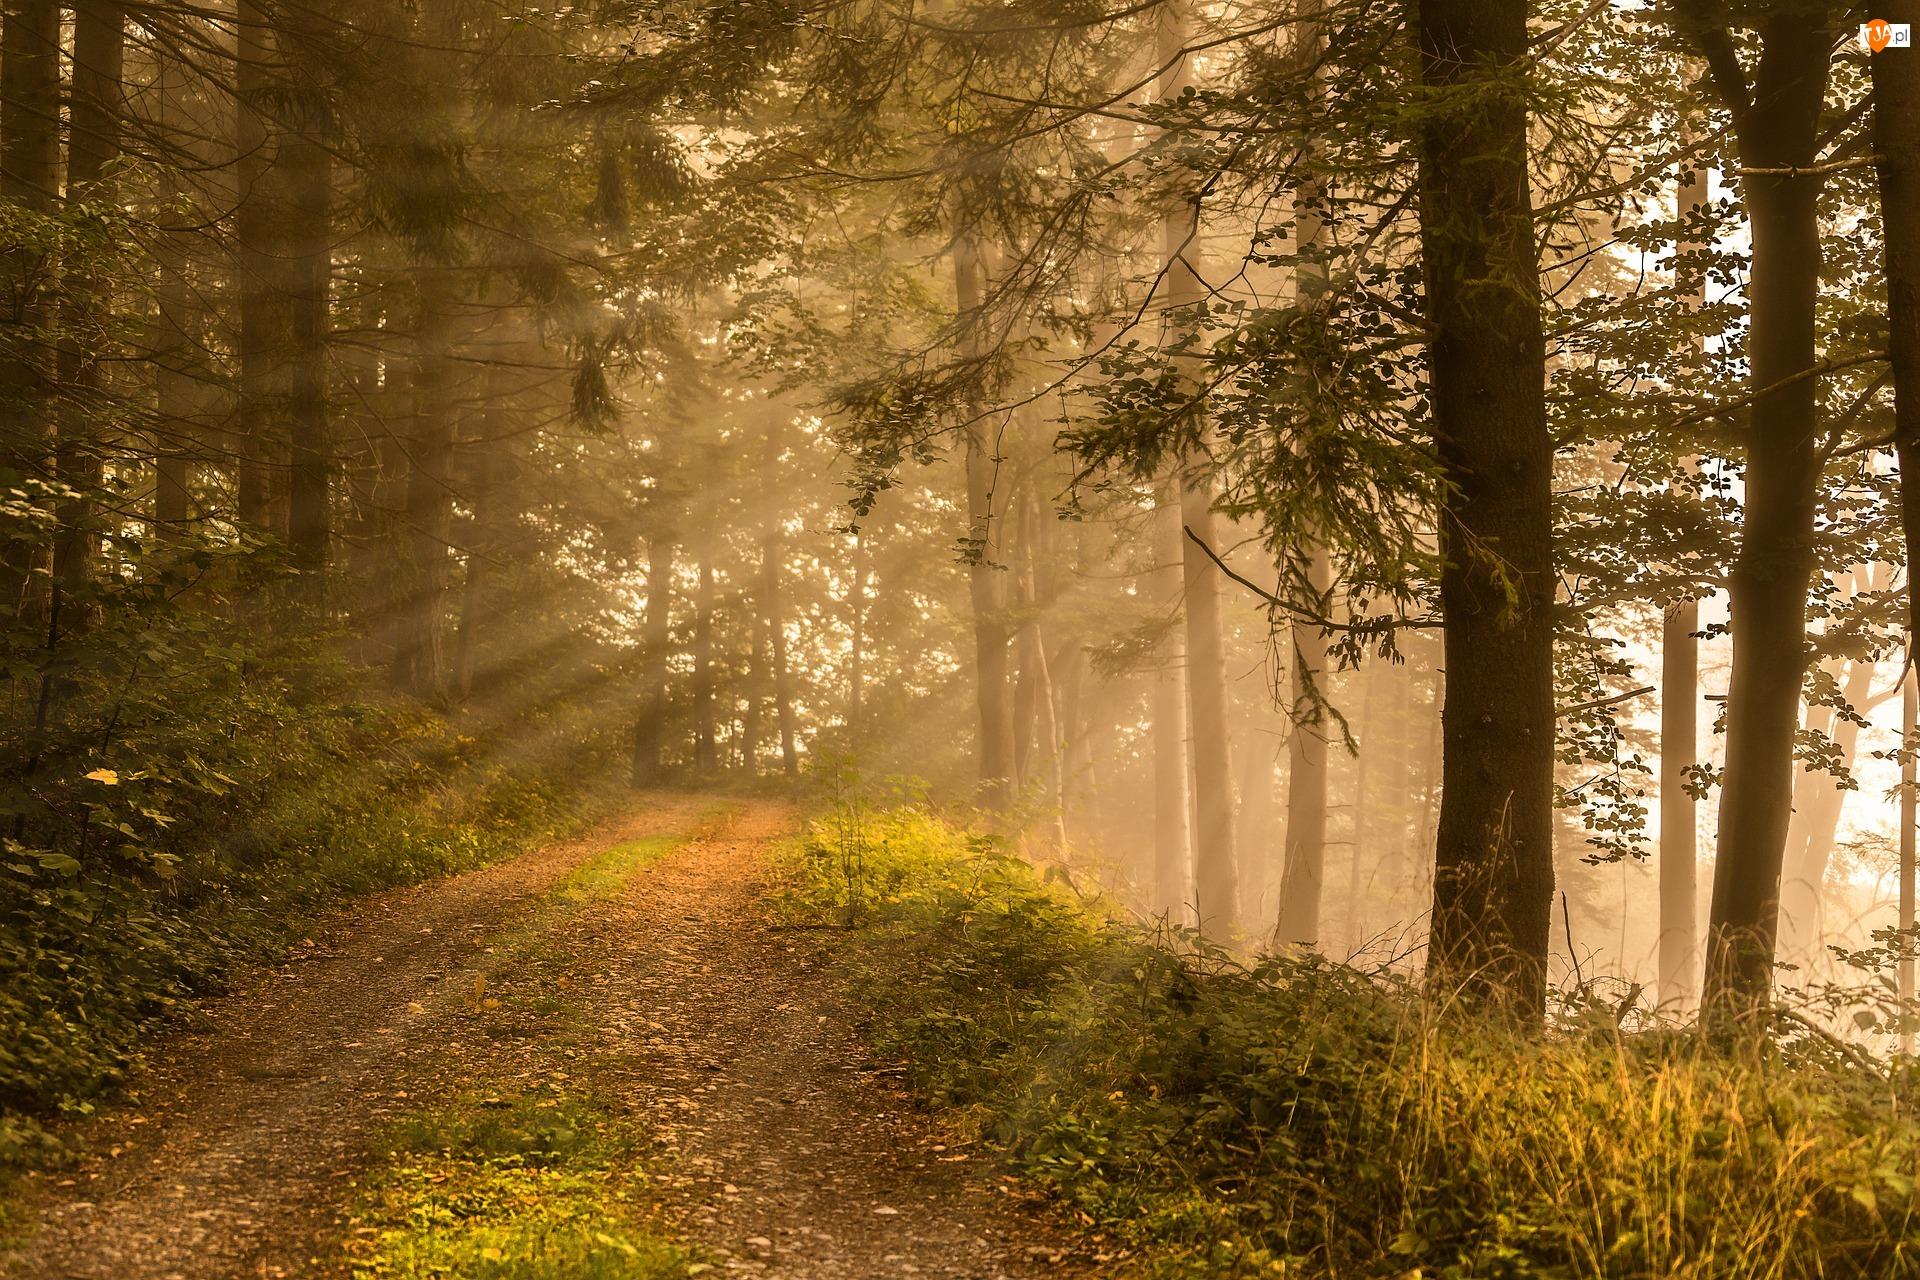 Drzewa, Przebijające światło, Droga, Las, Mgła